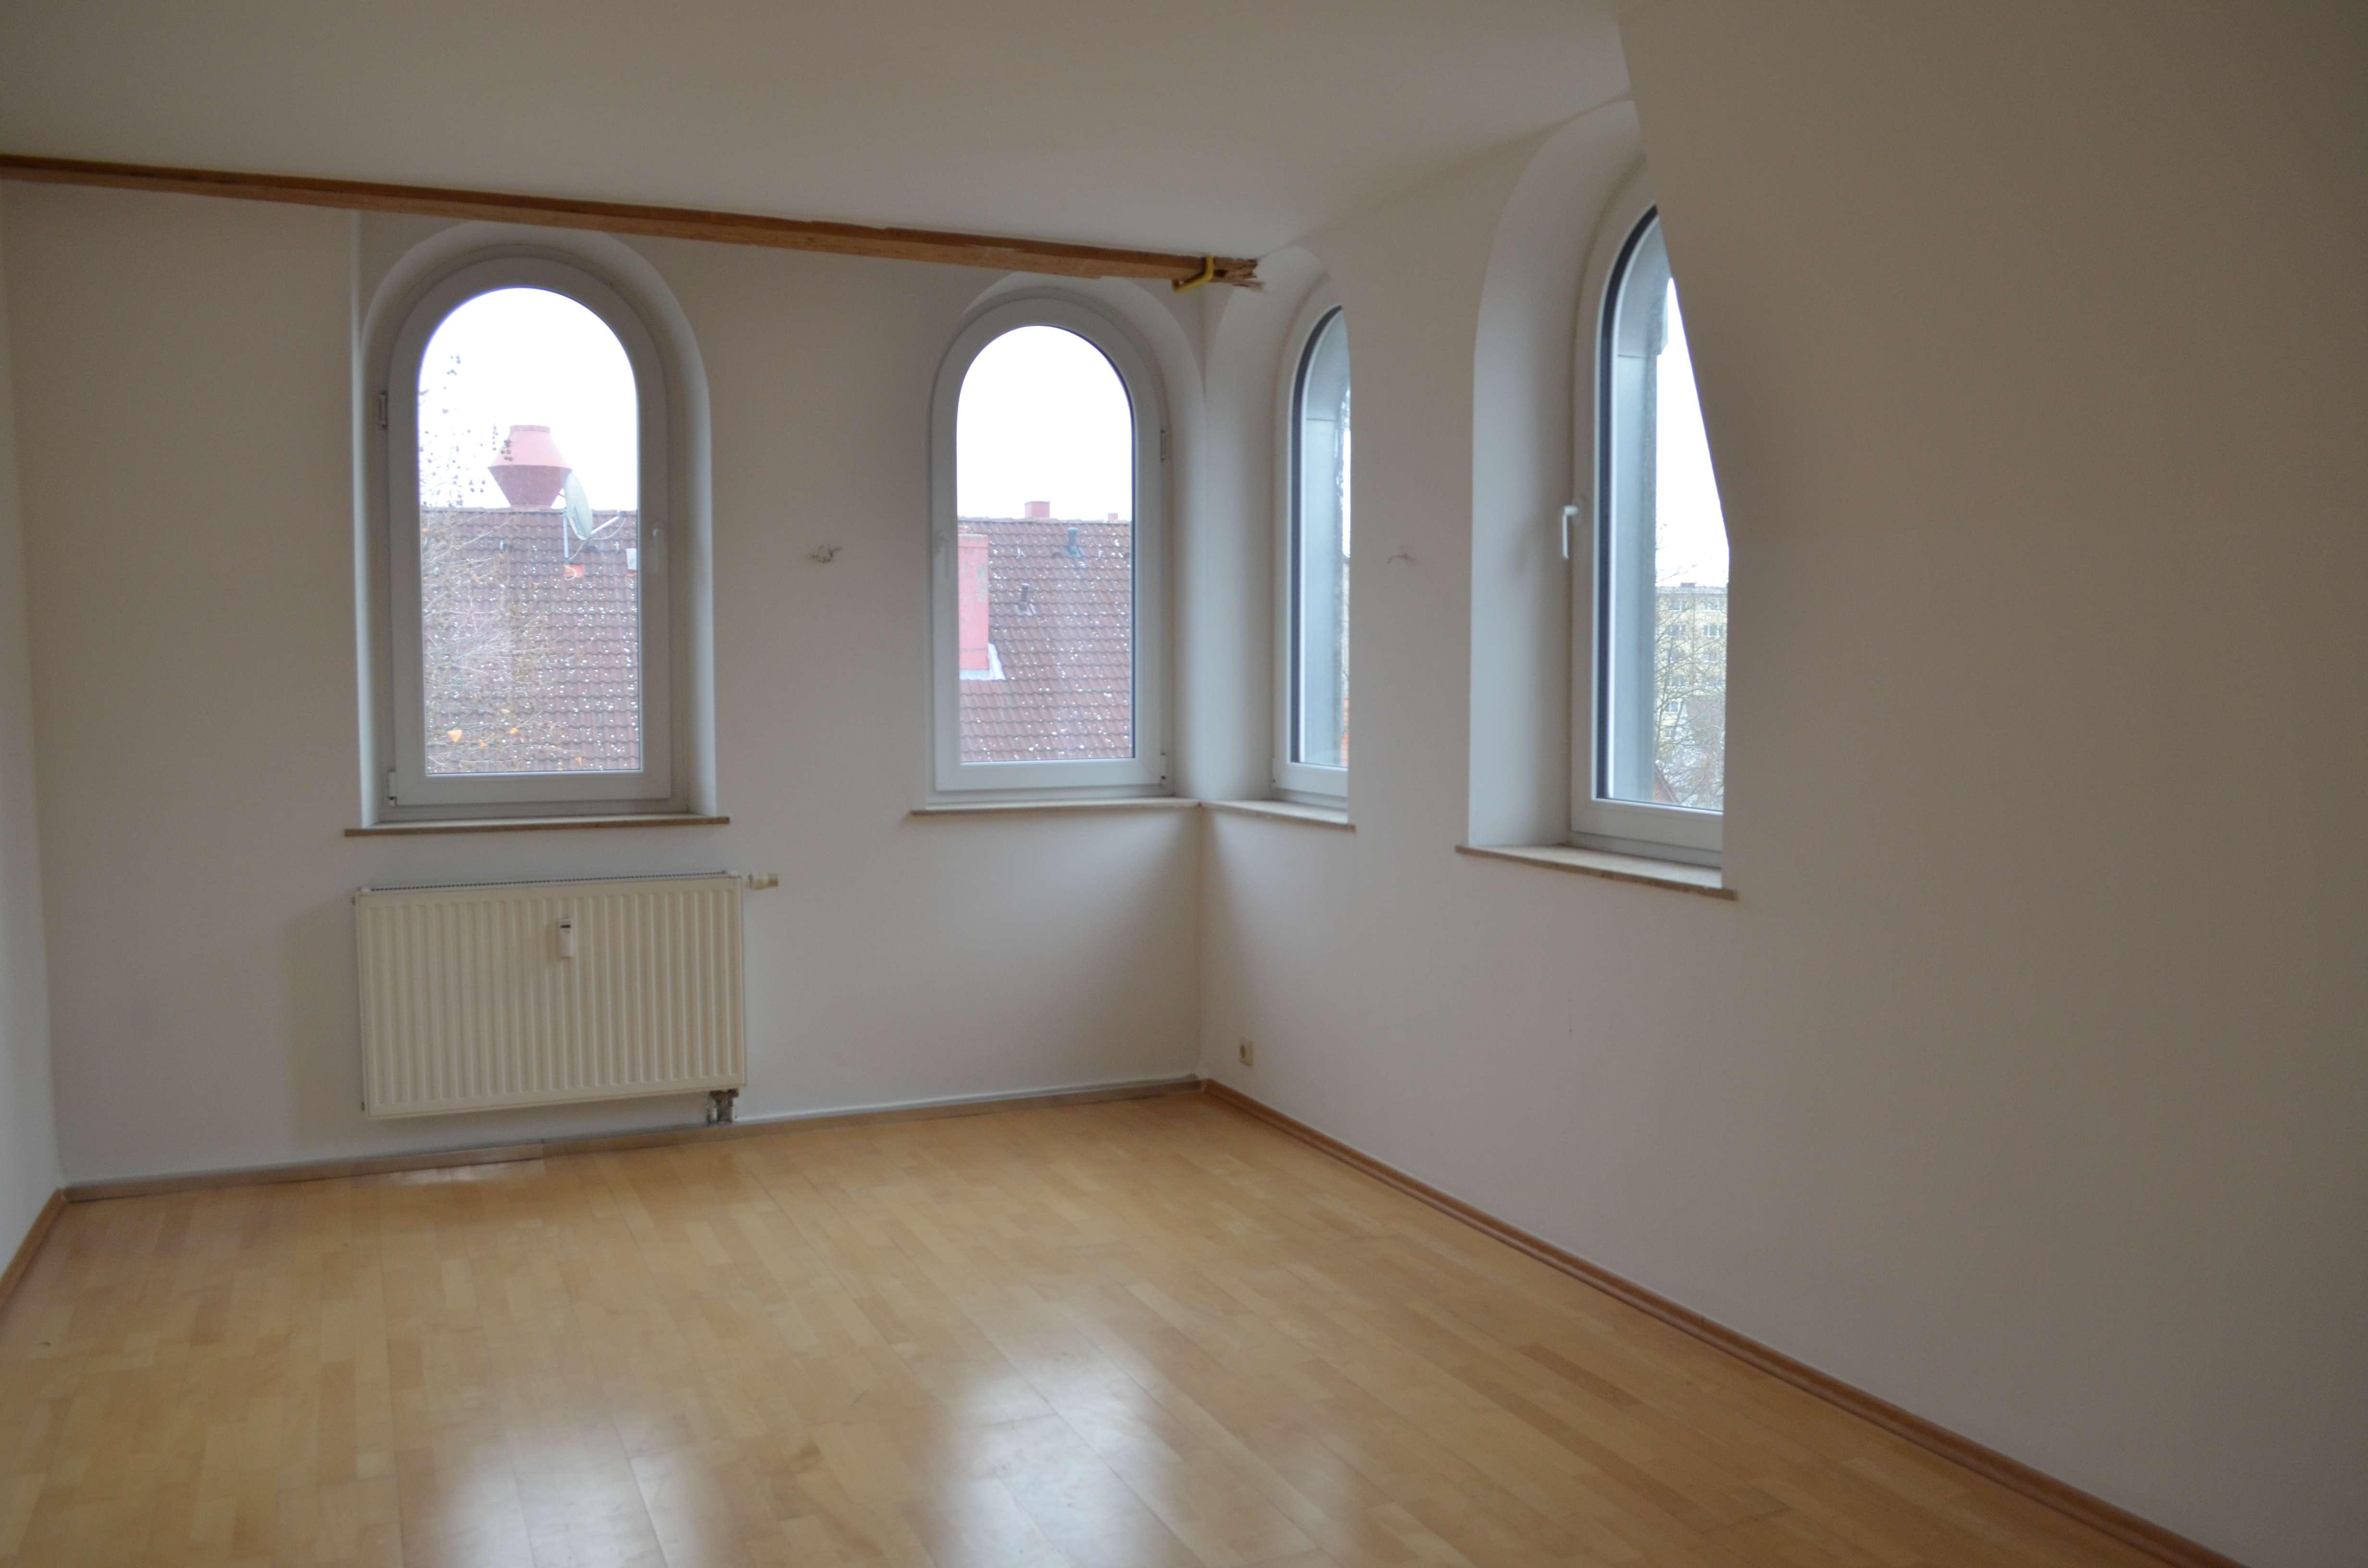 Topsanierte 2 Zimmer Wohnung auf 60m² in Nürnberg mit Parkett uvm.! in Schweinau (Nürnberg)